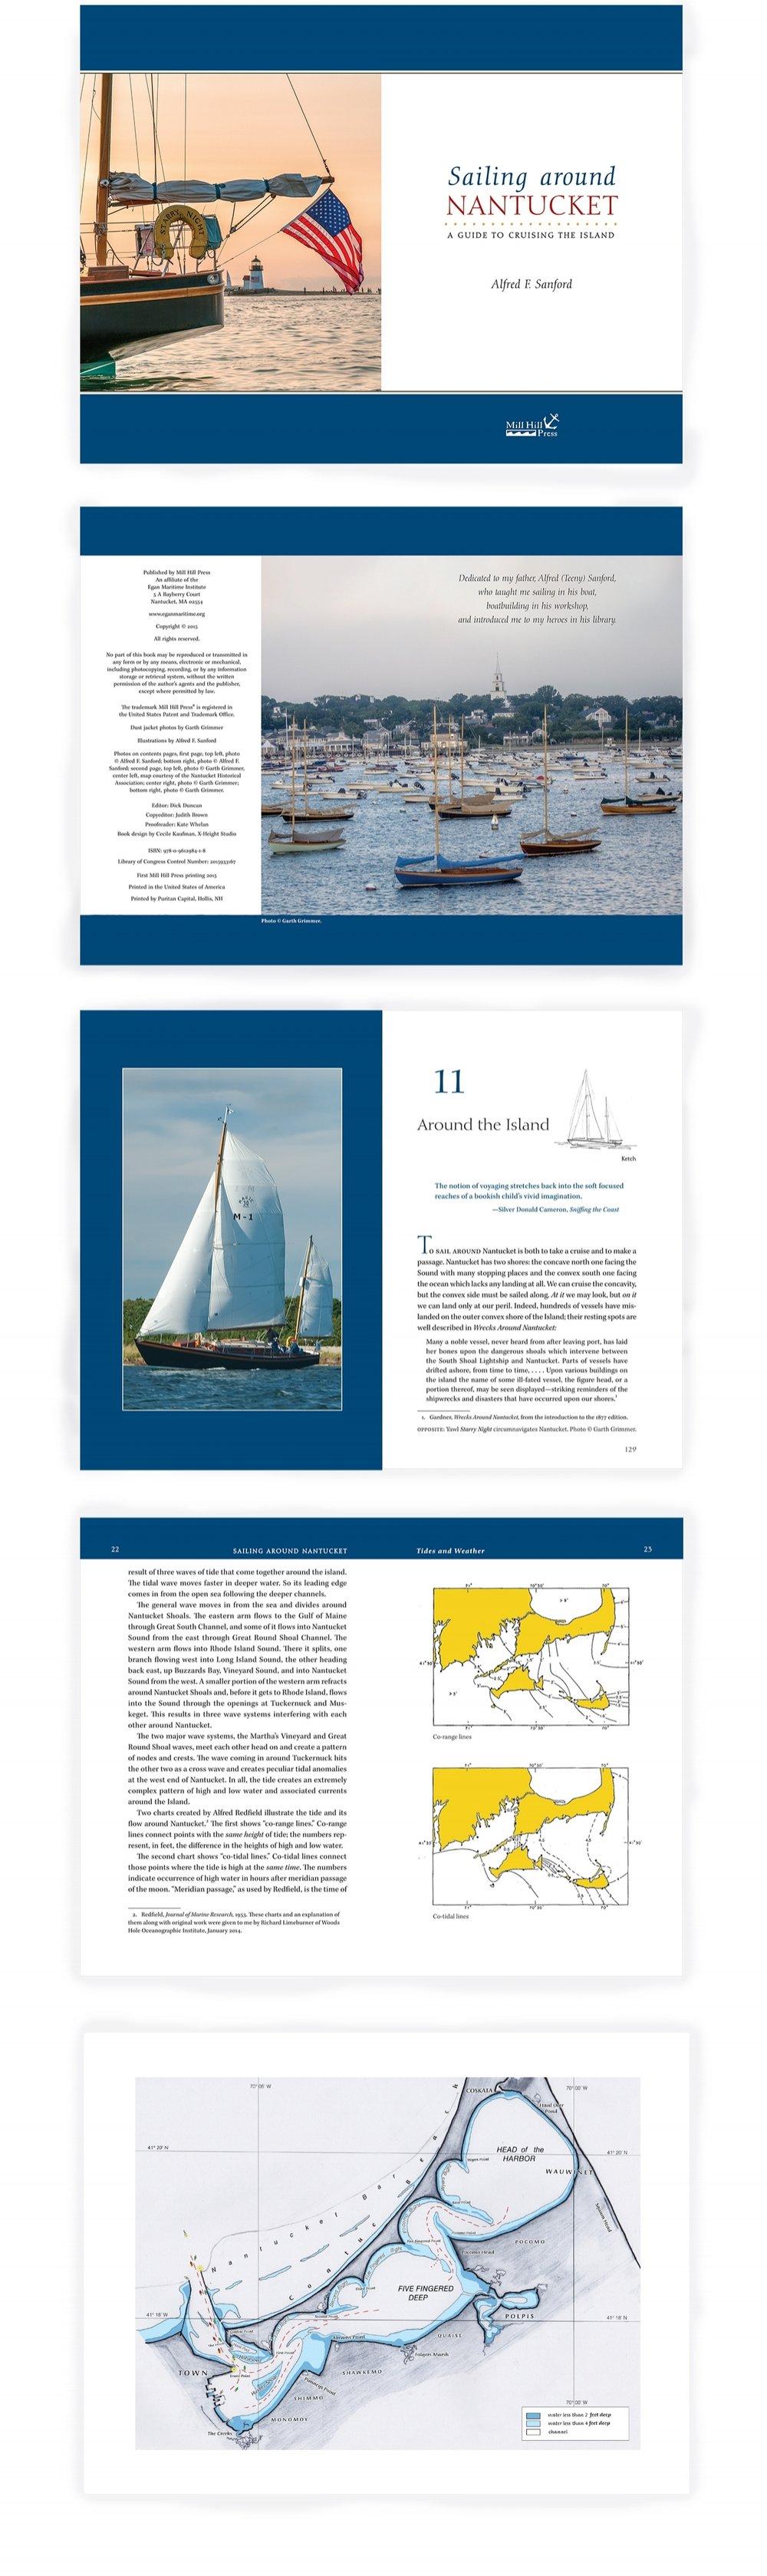 Sailing_around_Nantucket_spreads.jpg